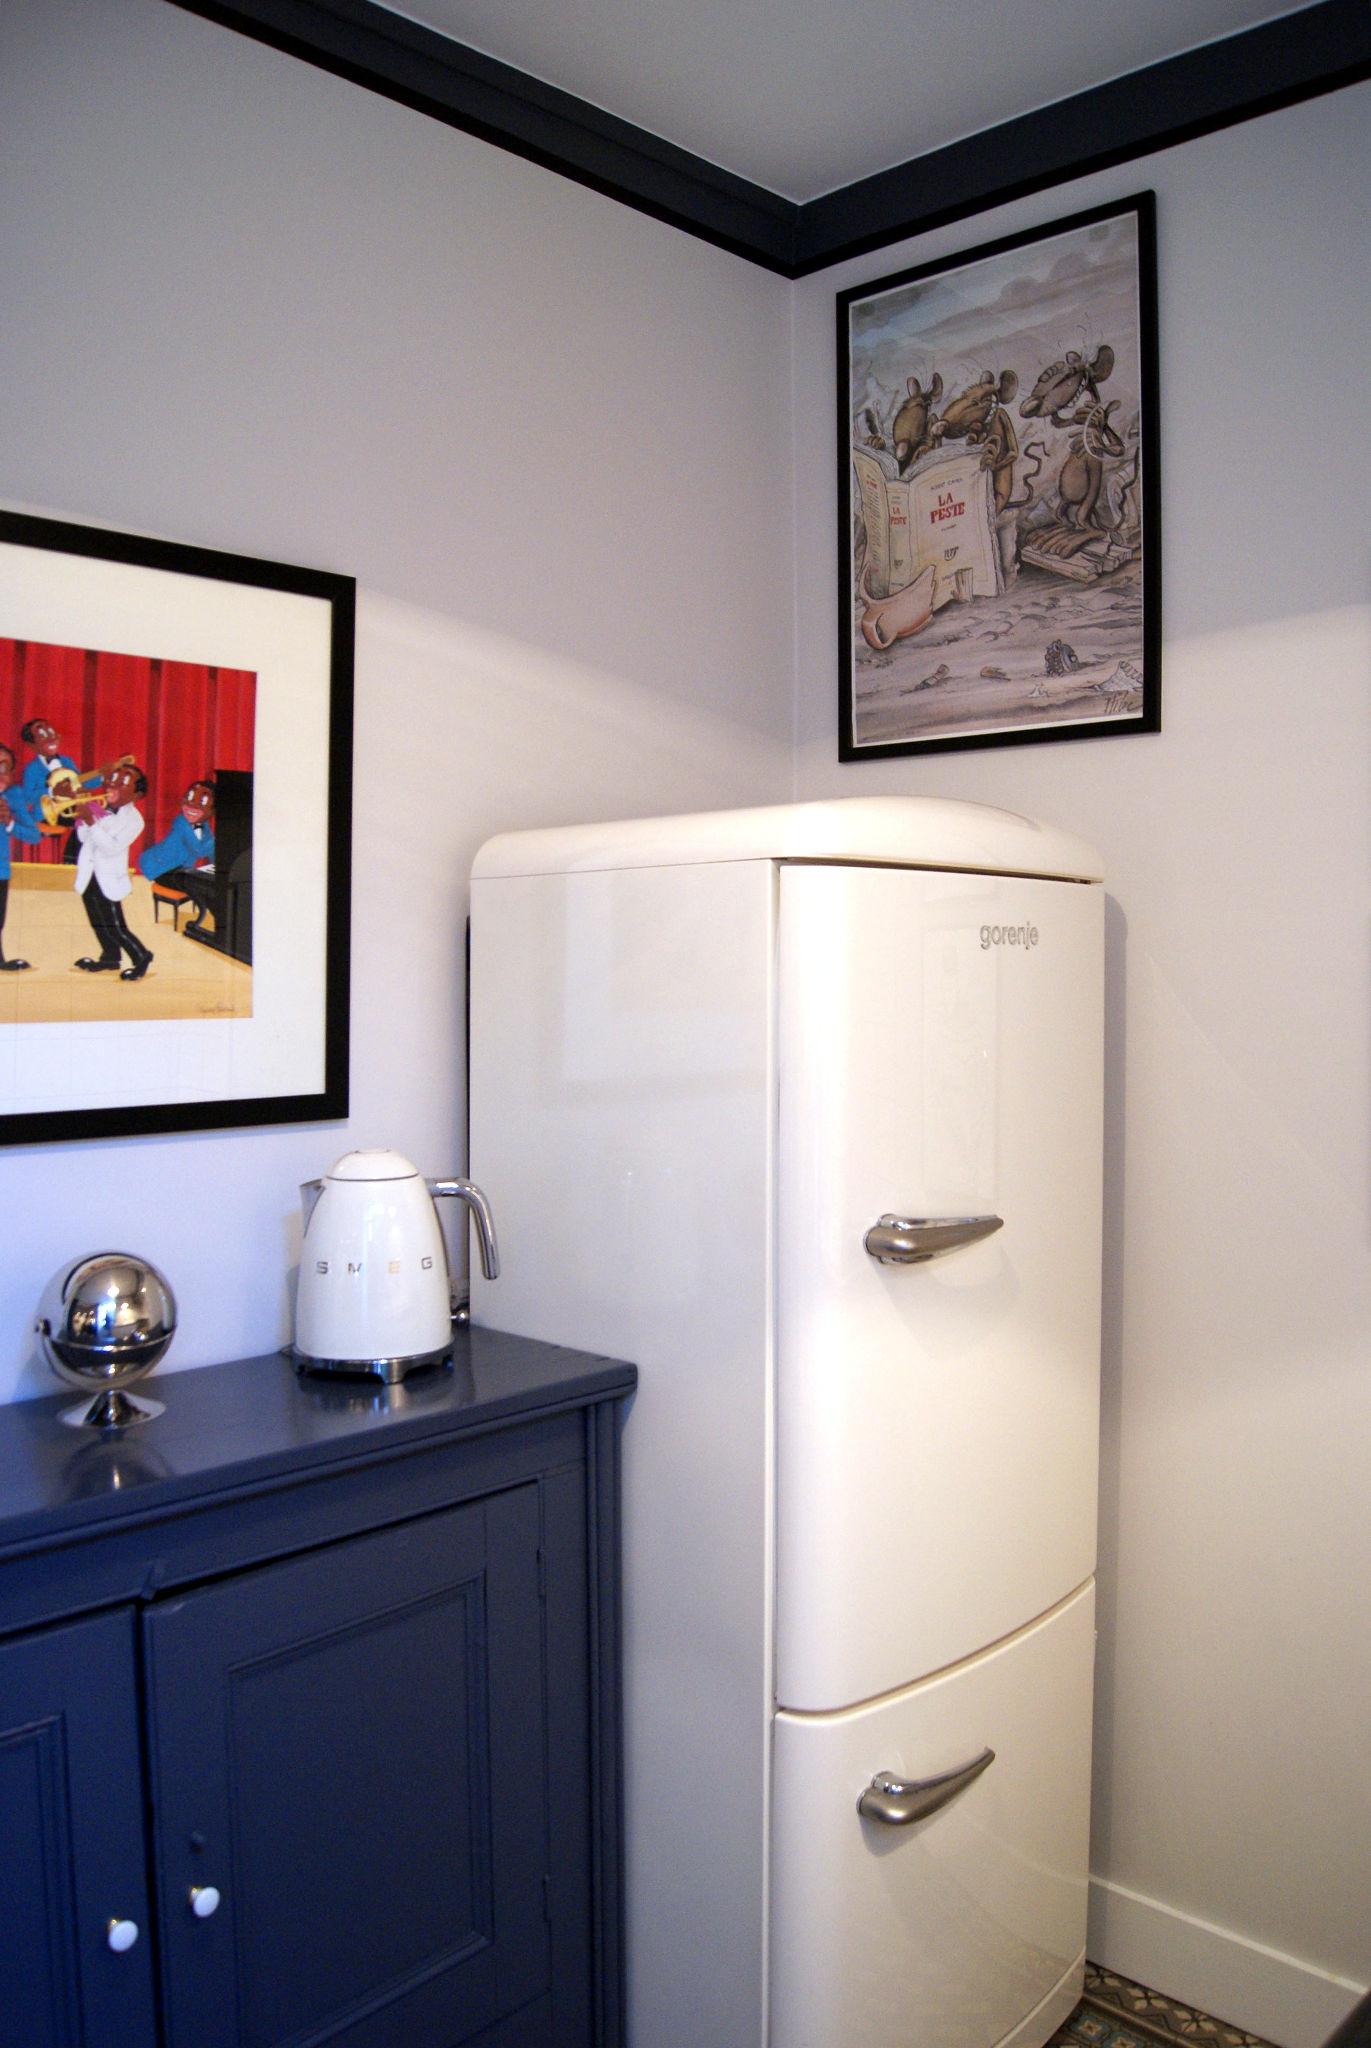 david associÉs | cuisine rétro chic, détail réfrigérateur, meuble